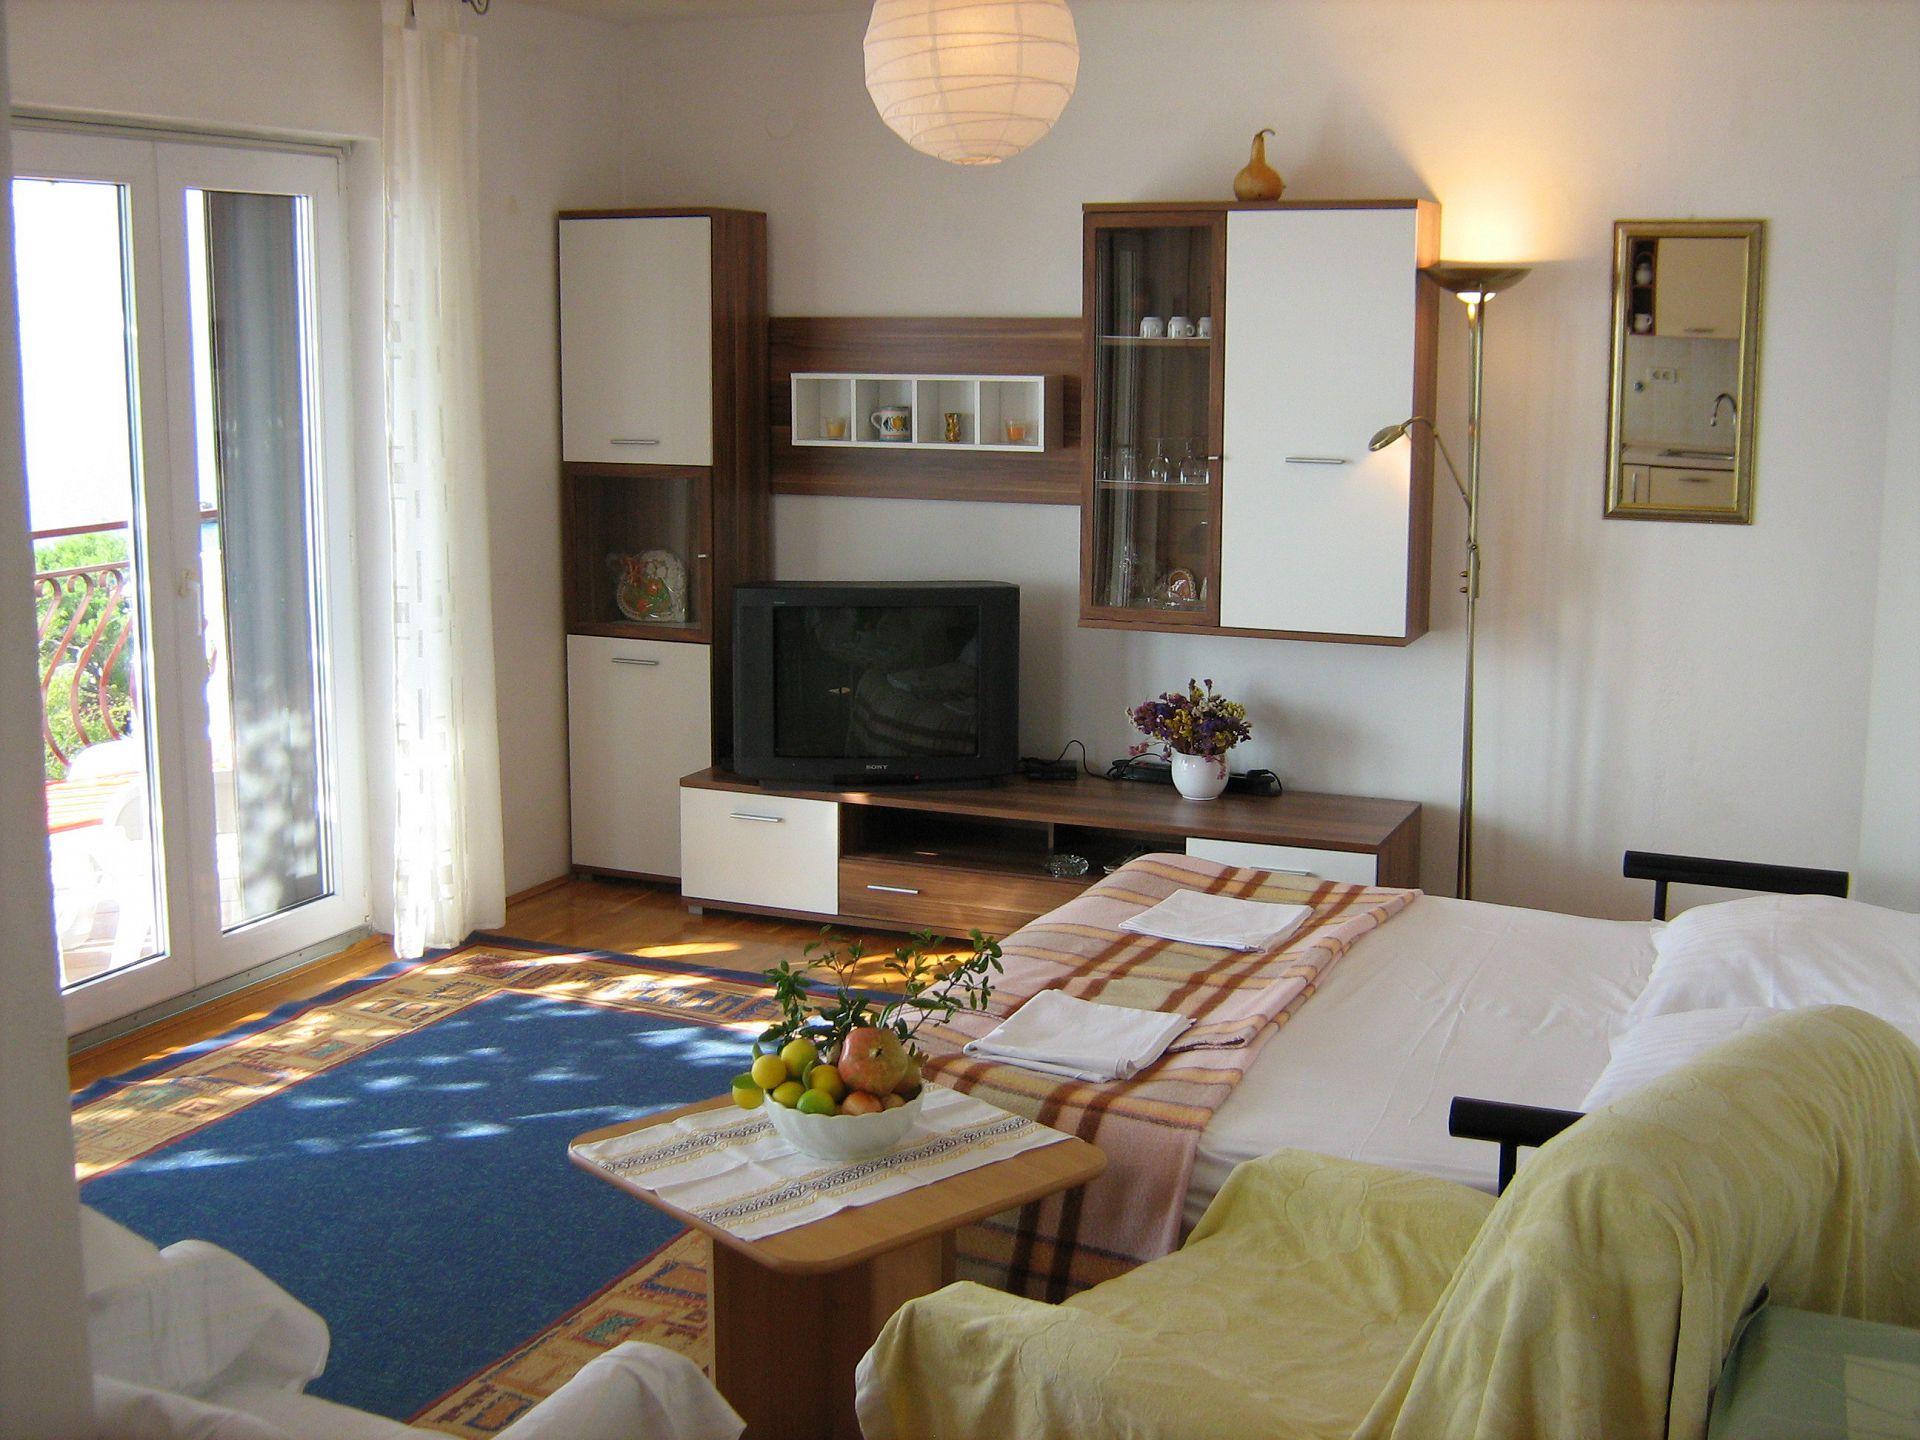 00209PISA  - Pisak - Ferienwohnungen Kroatien - A5 (2+2): Tagesaufenthaltsraum